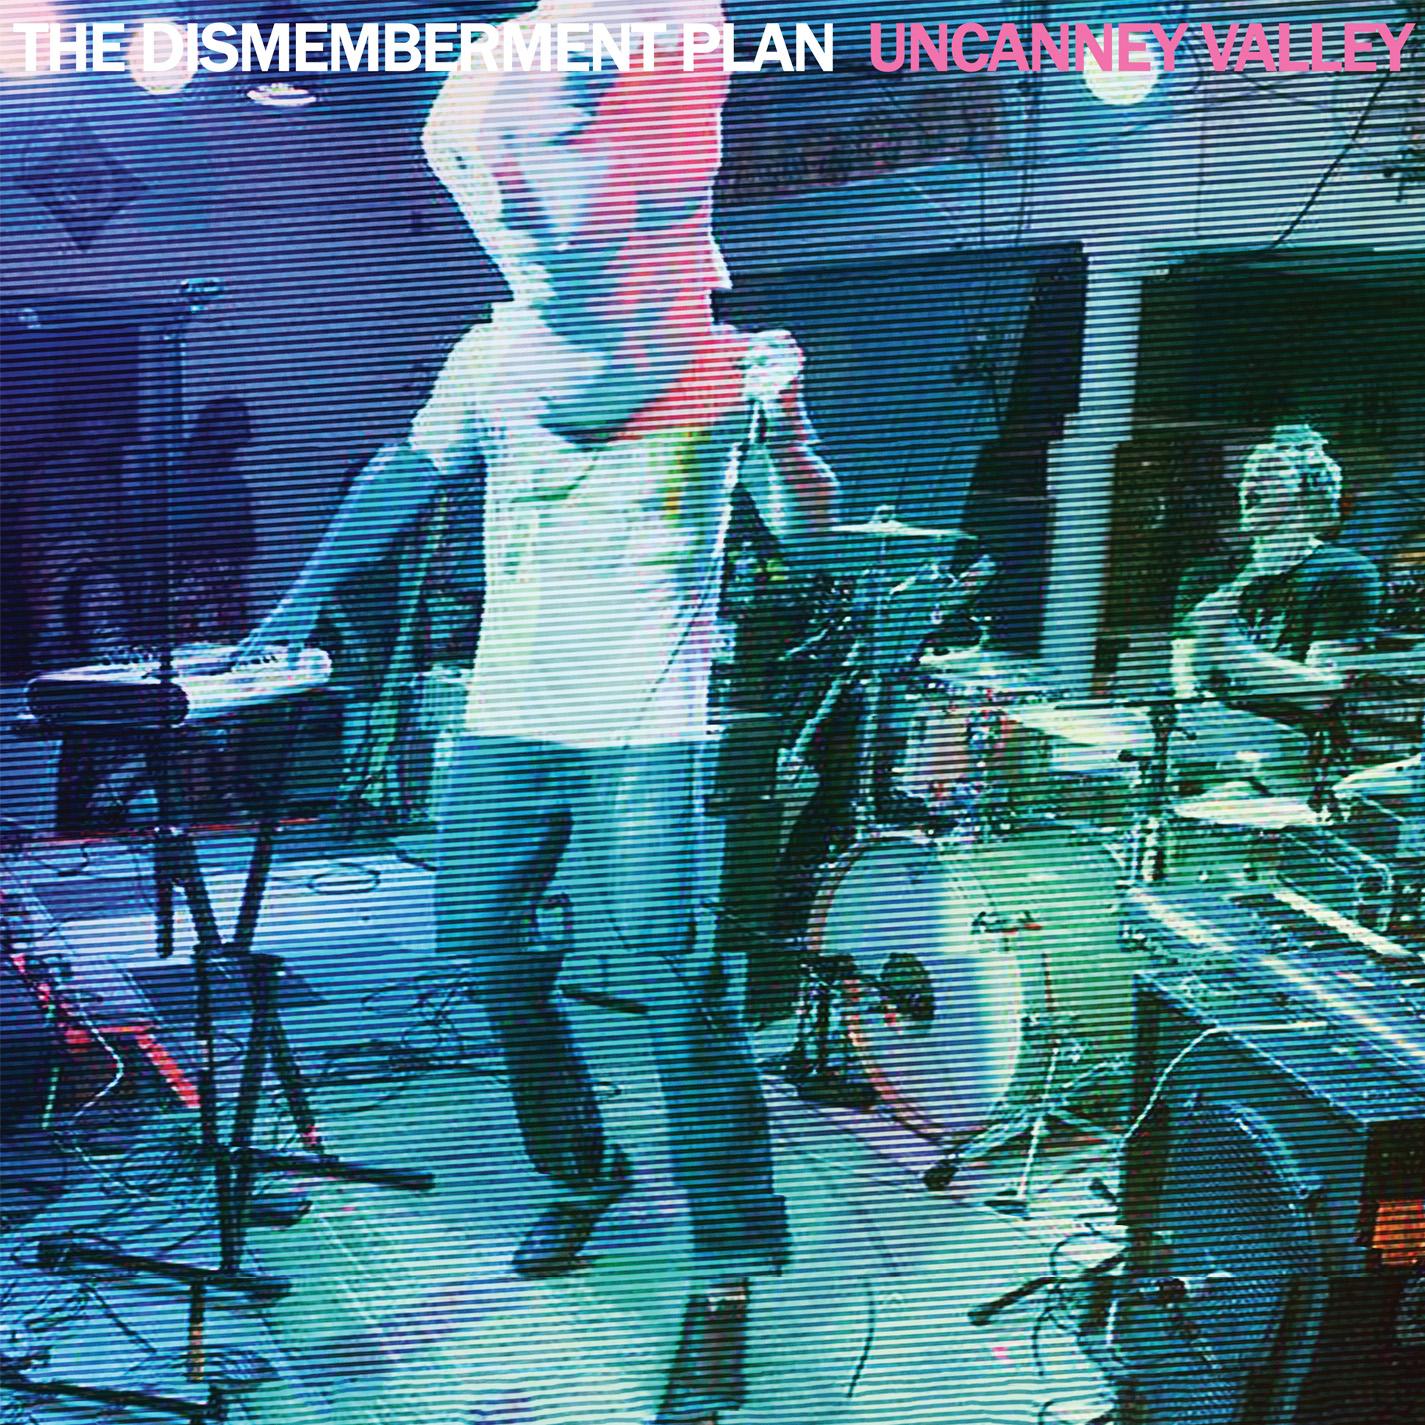 https://i1.wp.com/static.stereogum.com/uploads/2013/10/Uncanney-Valley.jpg